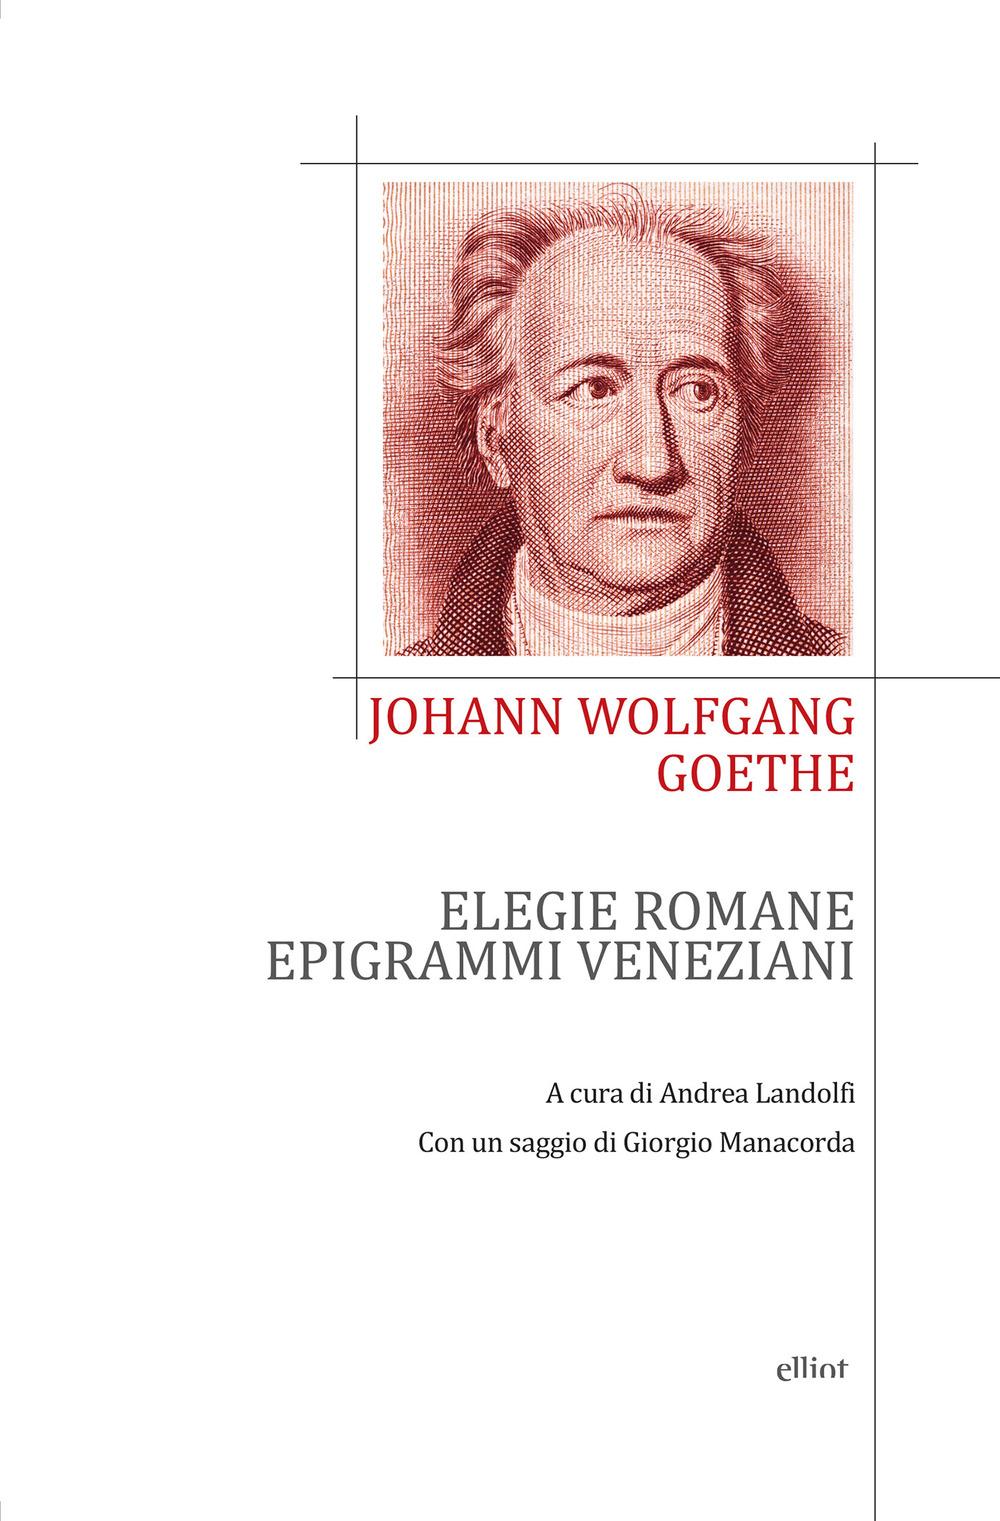 ELEGIE ROMANE EPIGRAMMI VENEZIANI - 9788869934544